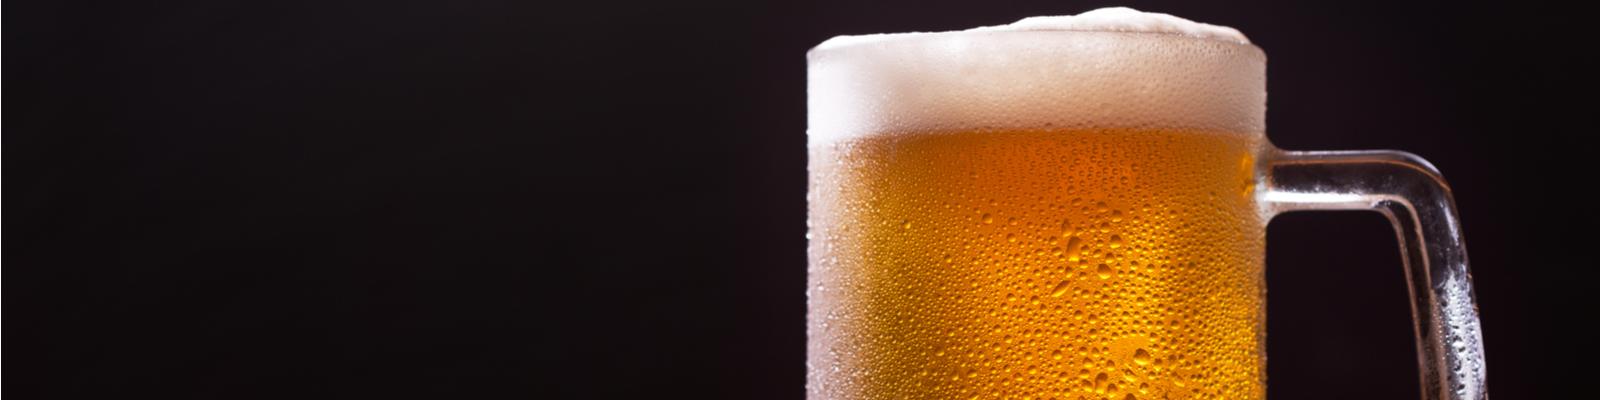 Пивное похмелье: причины, признаки, как избавиться от недуга быстро